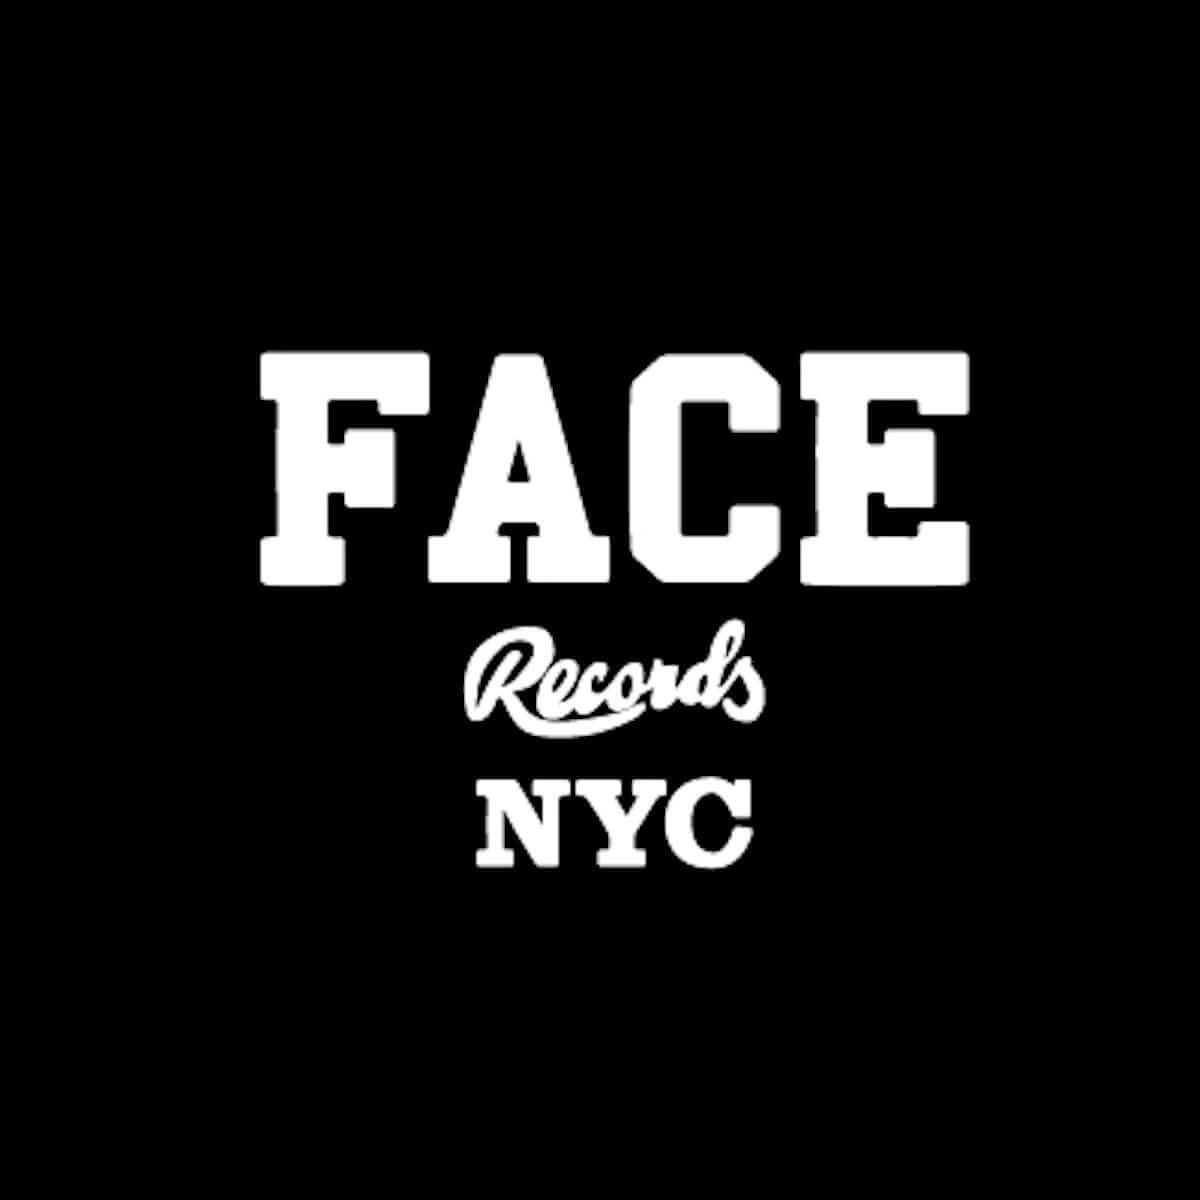 業界初!NYへの出店を果たした渋谷の老舗レコード店FACE RECORDSって? artculture180731_facerecords_kawasaki_07-1200x1200